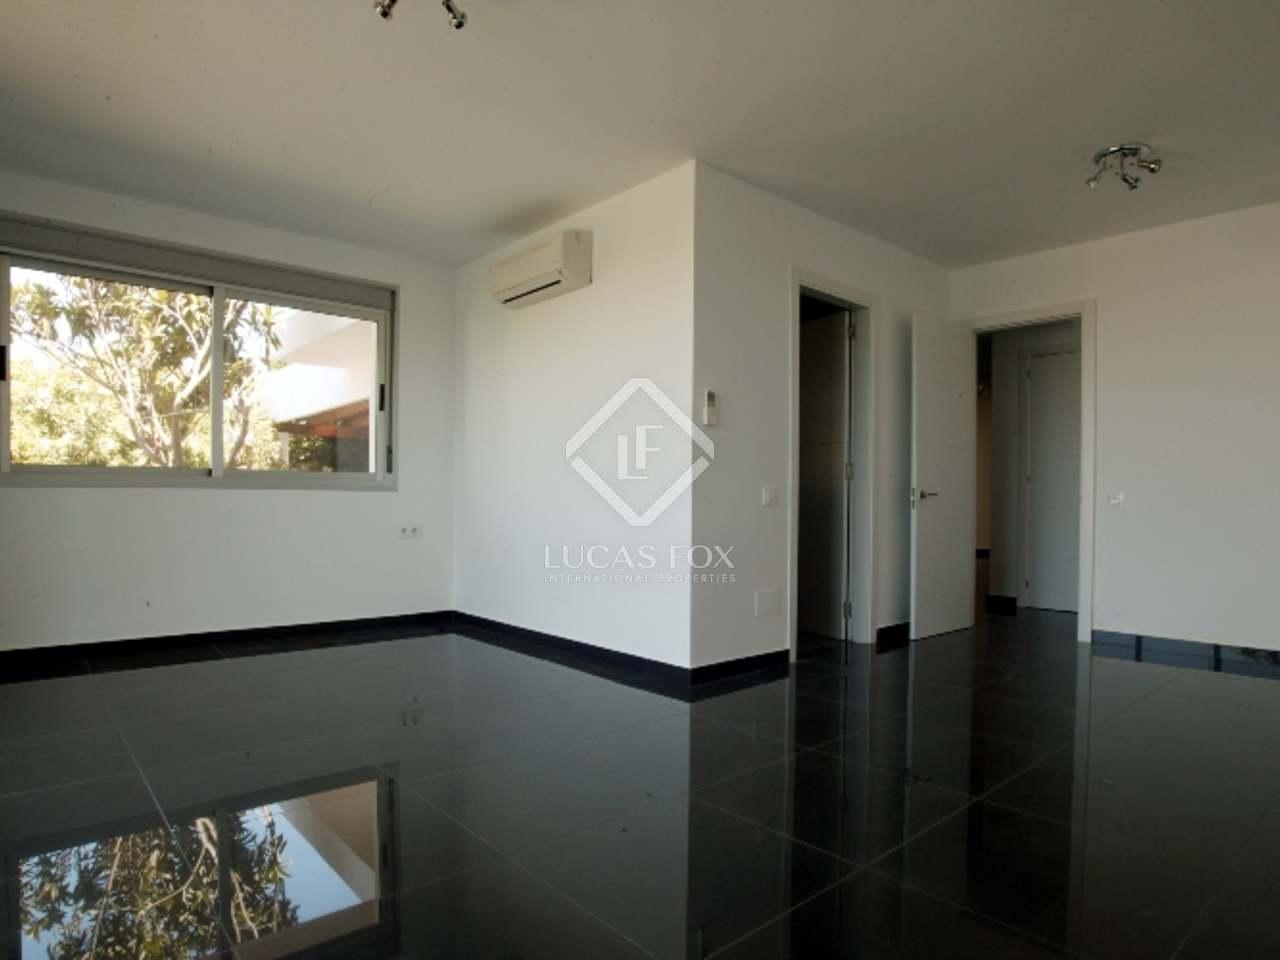 Villa in eigentijdse stijl te koop in nieuw andalusi marbella - Eigentijdse stijl slaapkamer ...